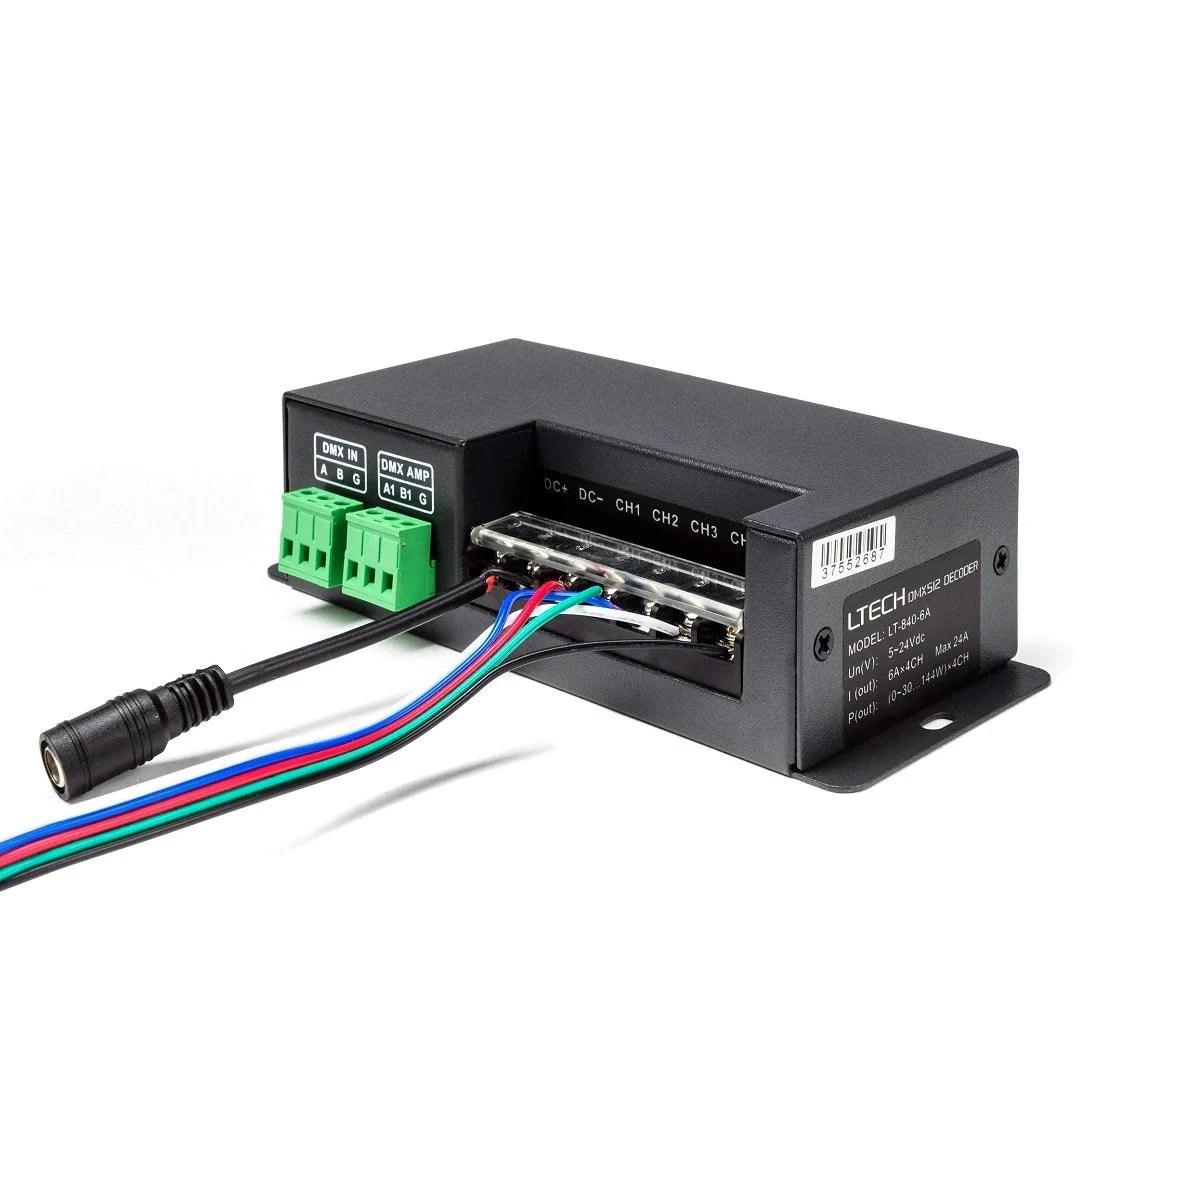 dmx decoder wiring diagram 6 pin [ 1200 x 1200 Pixel ]